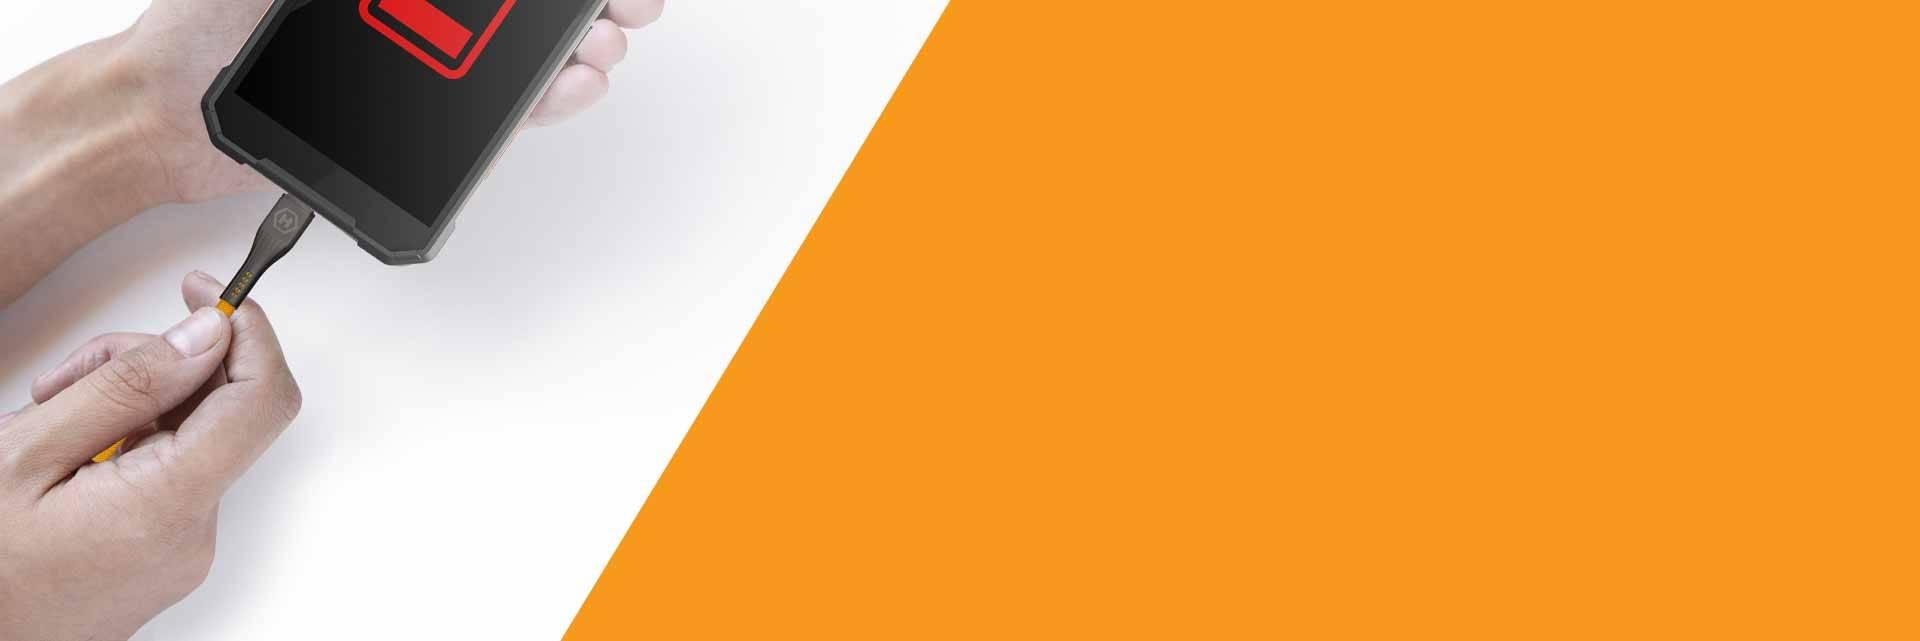 szkic-KABEL-USB-C1920x640_px_Tlo_plastra_glownego